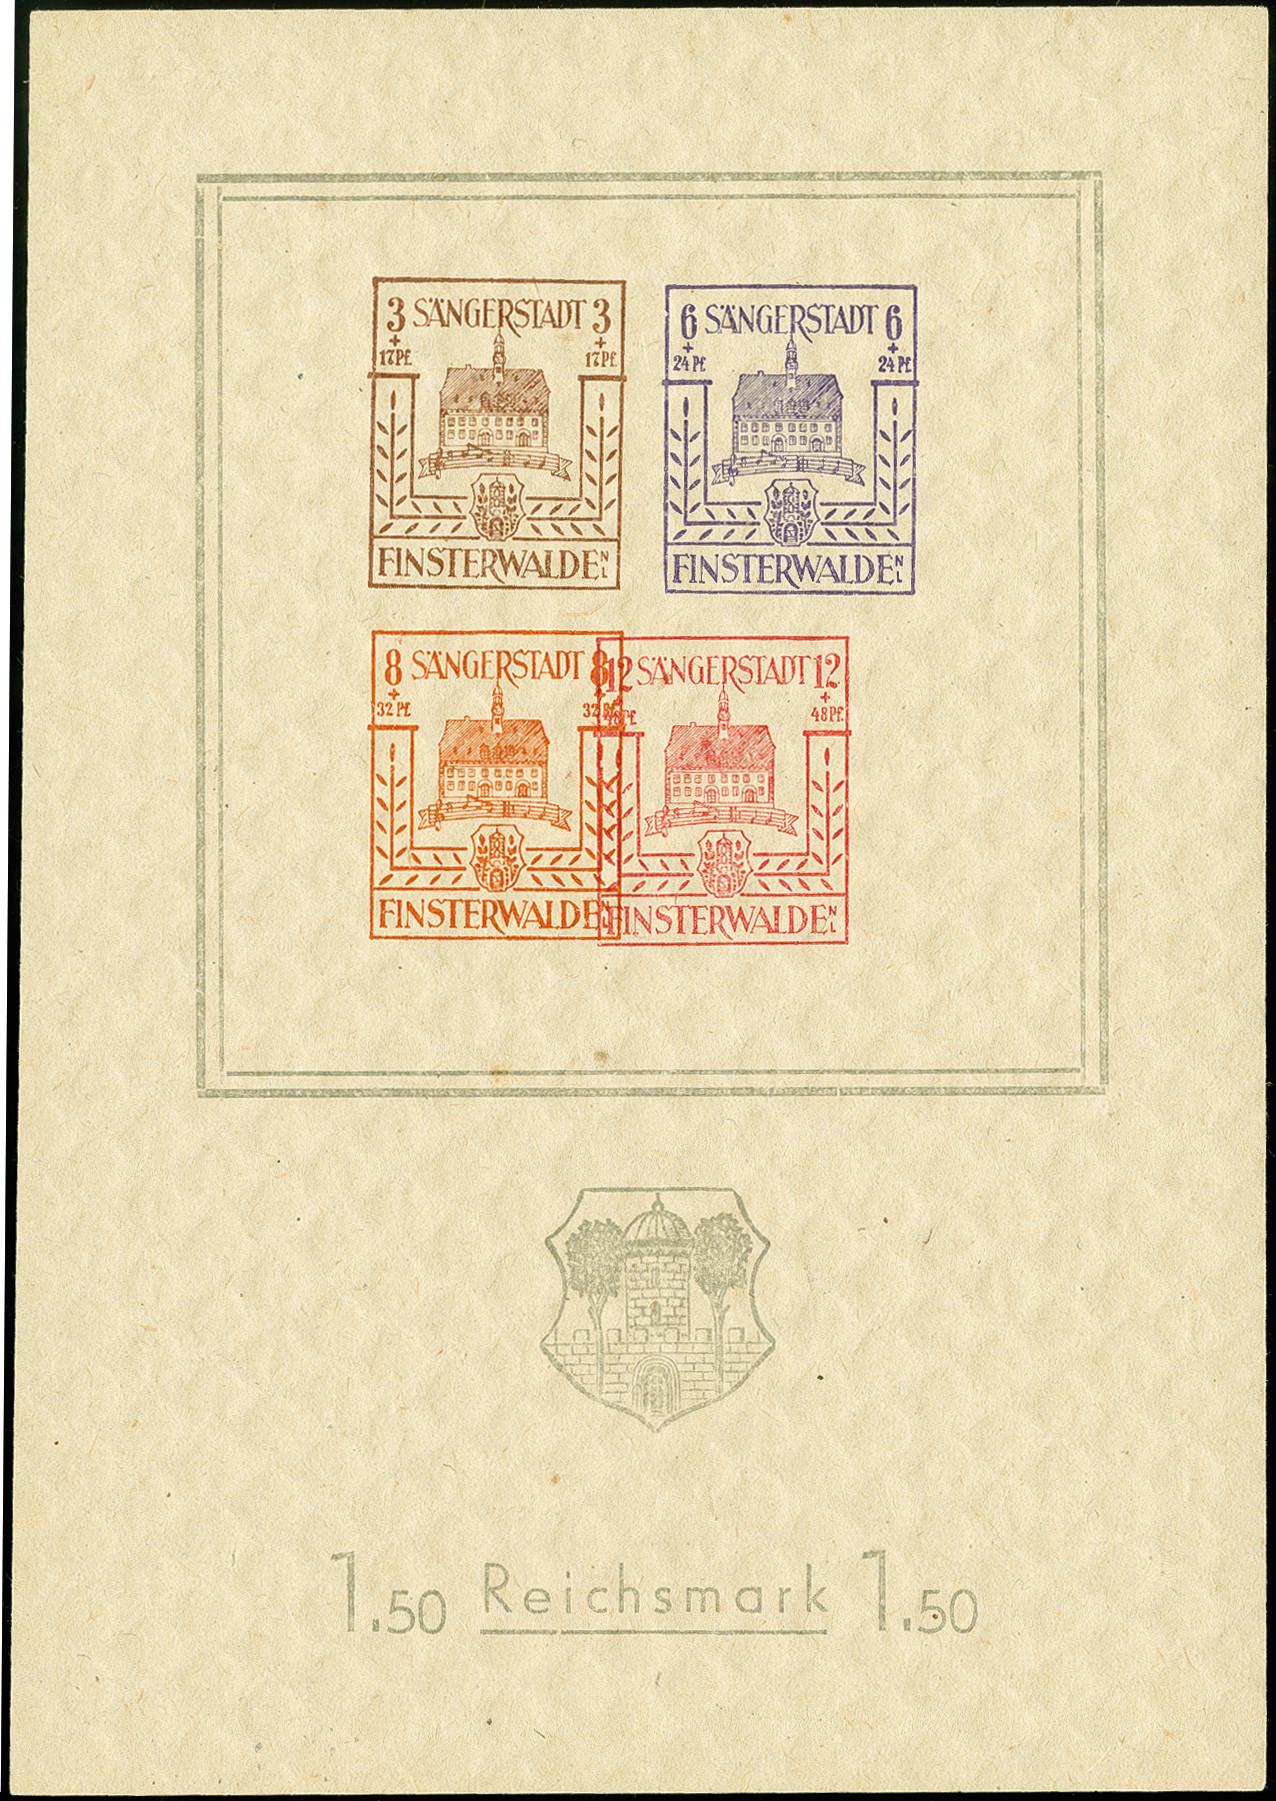 Lot 3468 - deutsche lokalausgaben ab 1945 finsterwalde -  Heinrich Koehler Auktionen 375rd Heinrich Köhler auction - Day 3